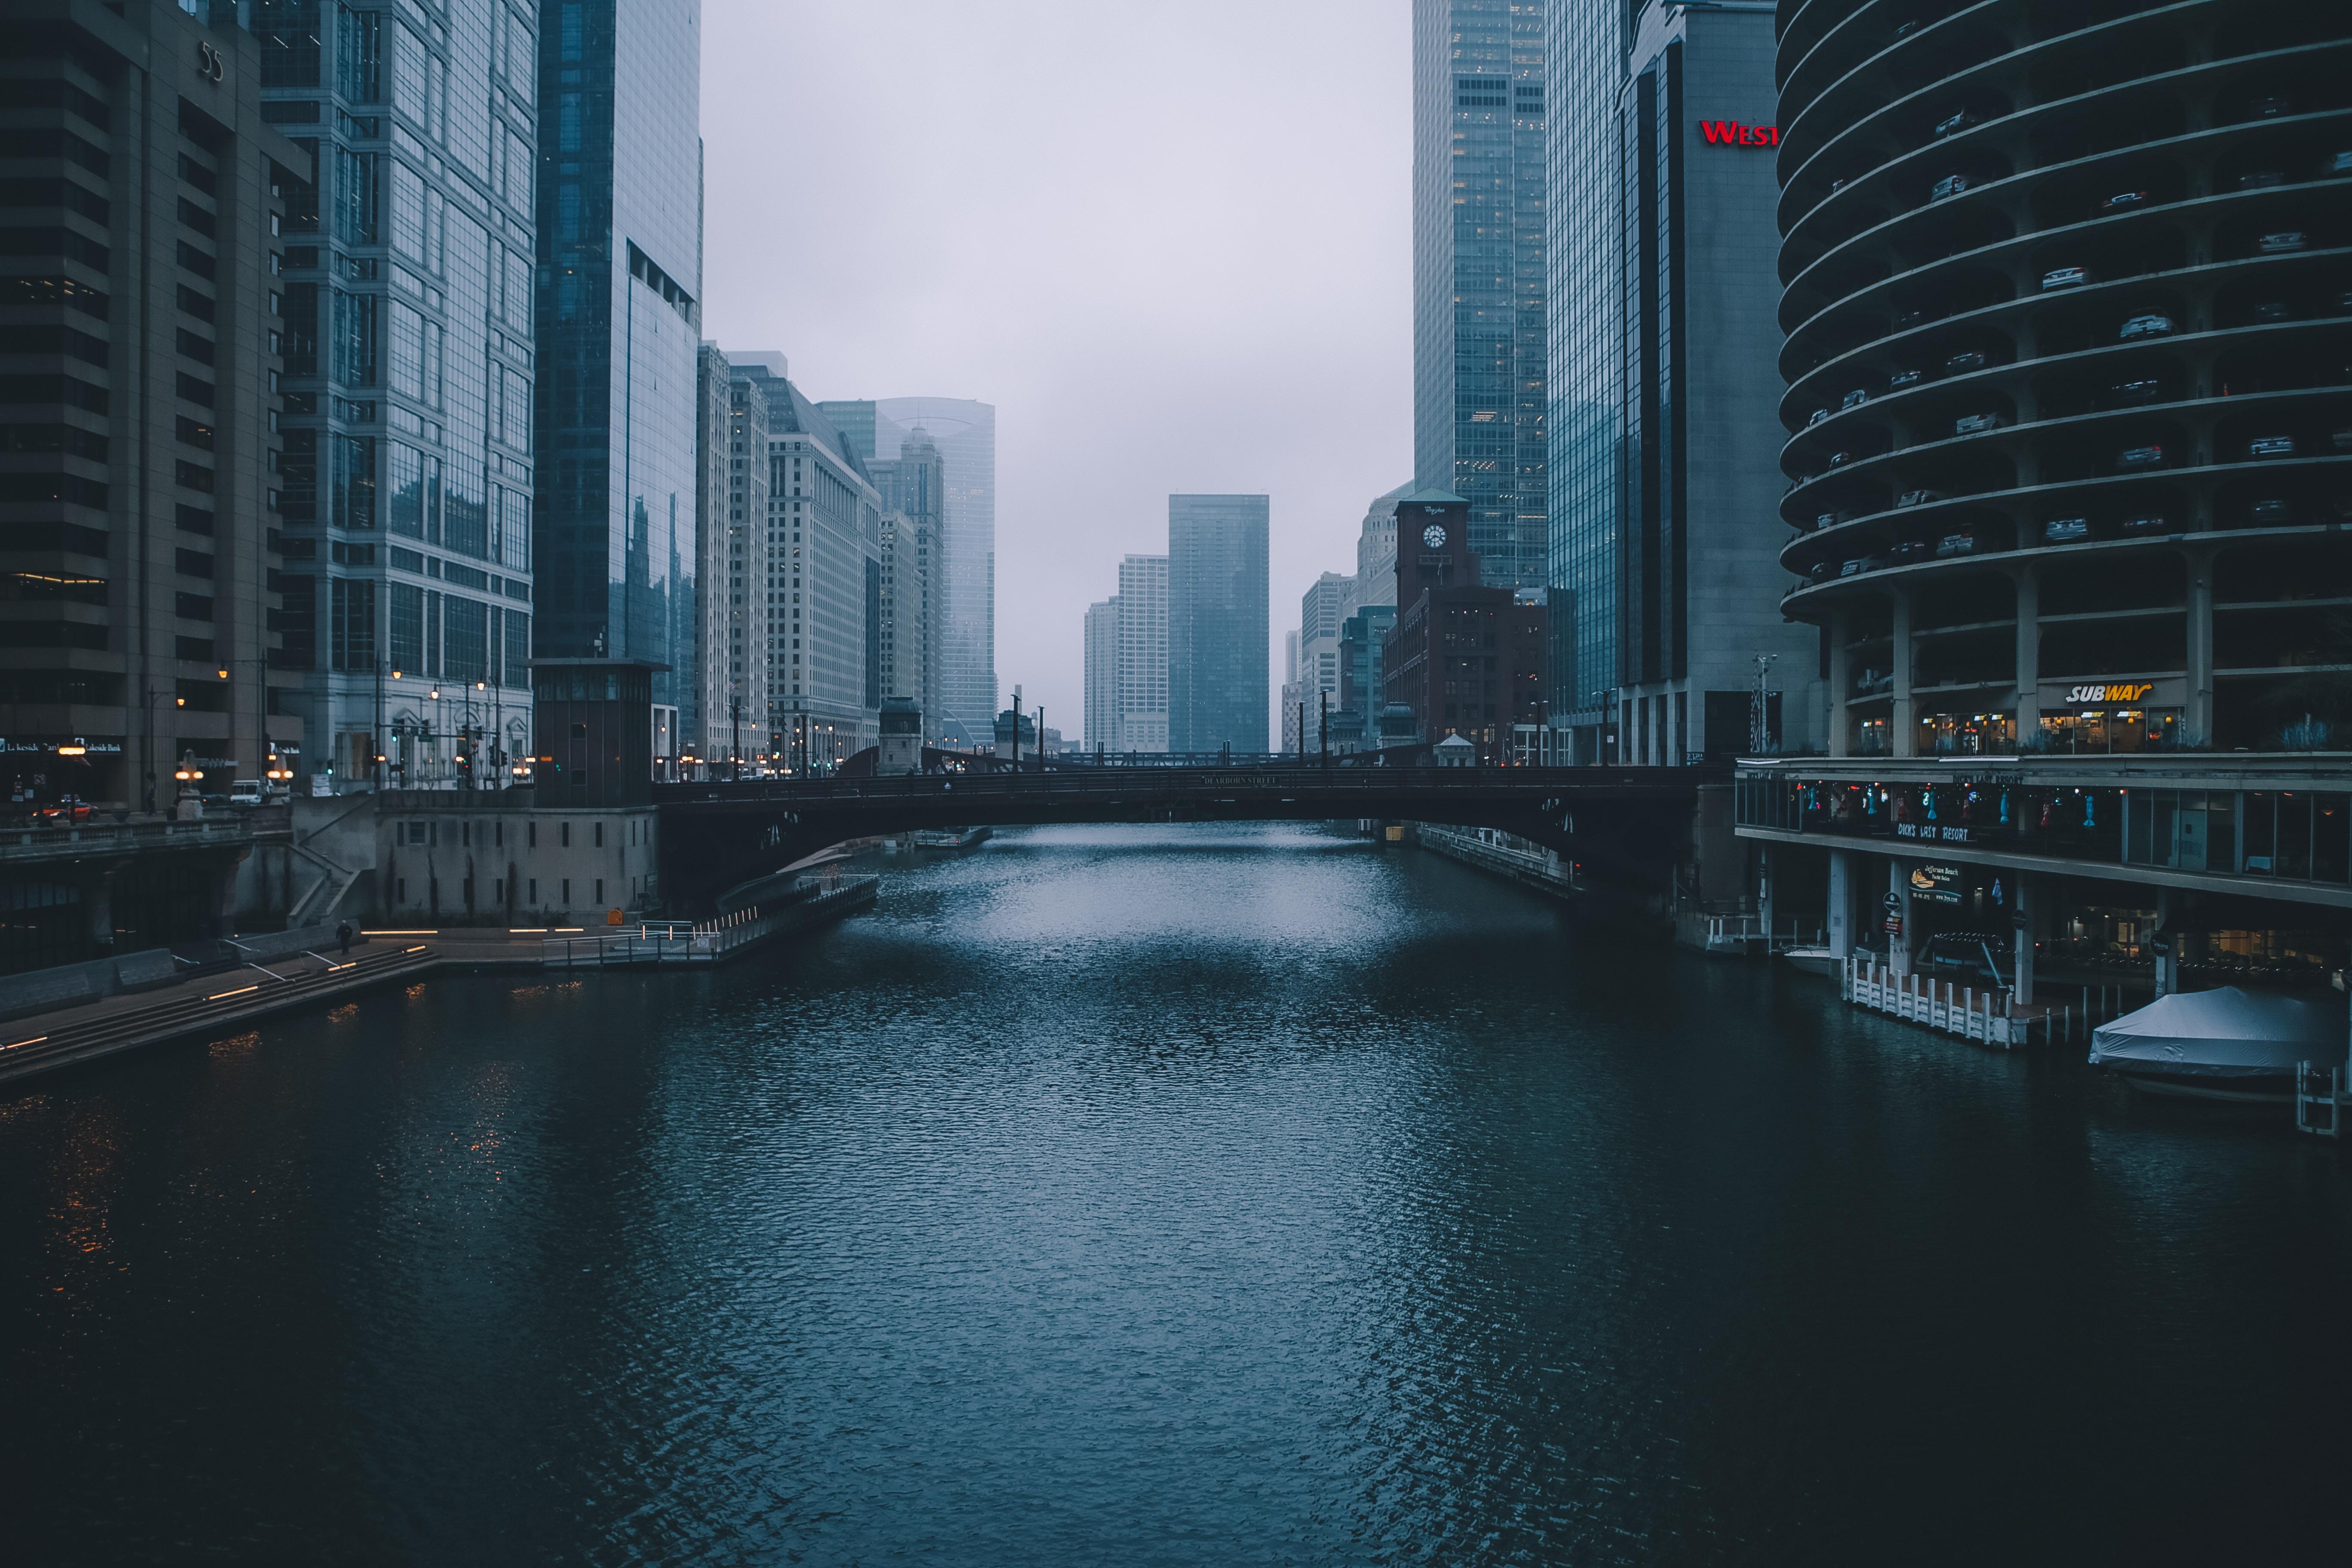 Runners to watch in 2018 Chicago Marathon (w/ updates)